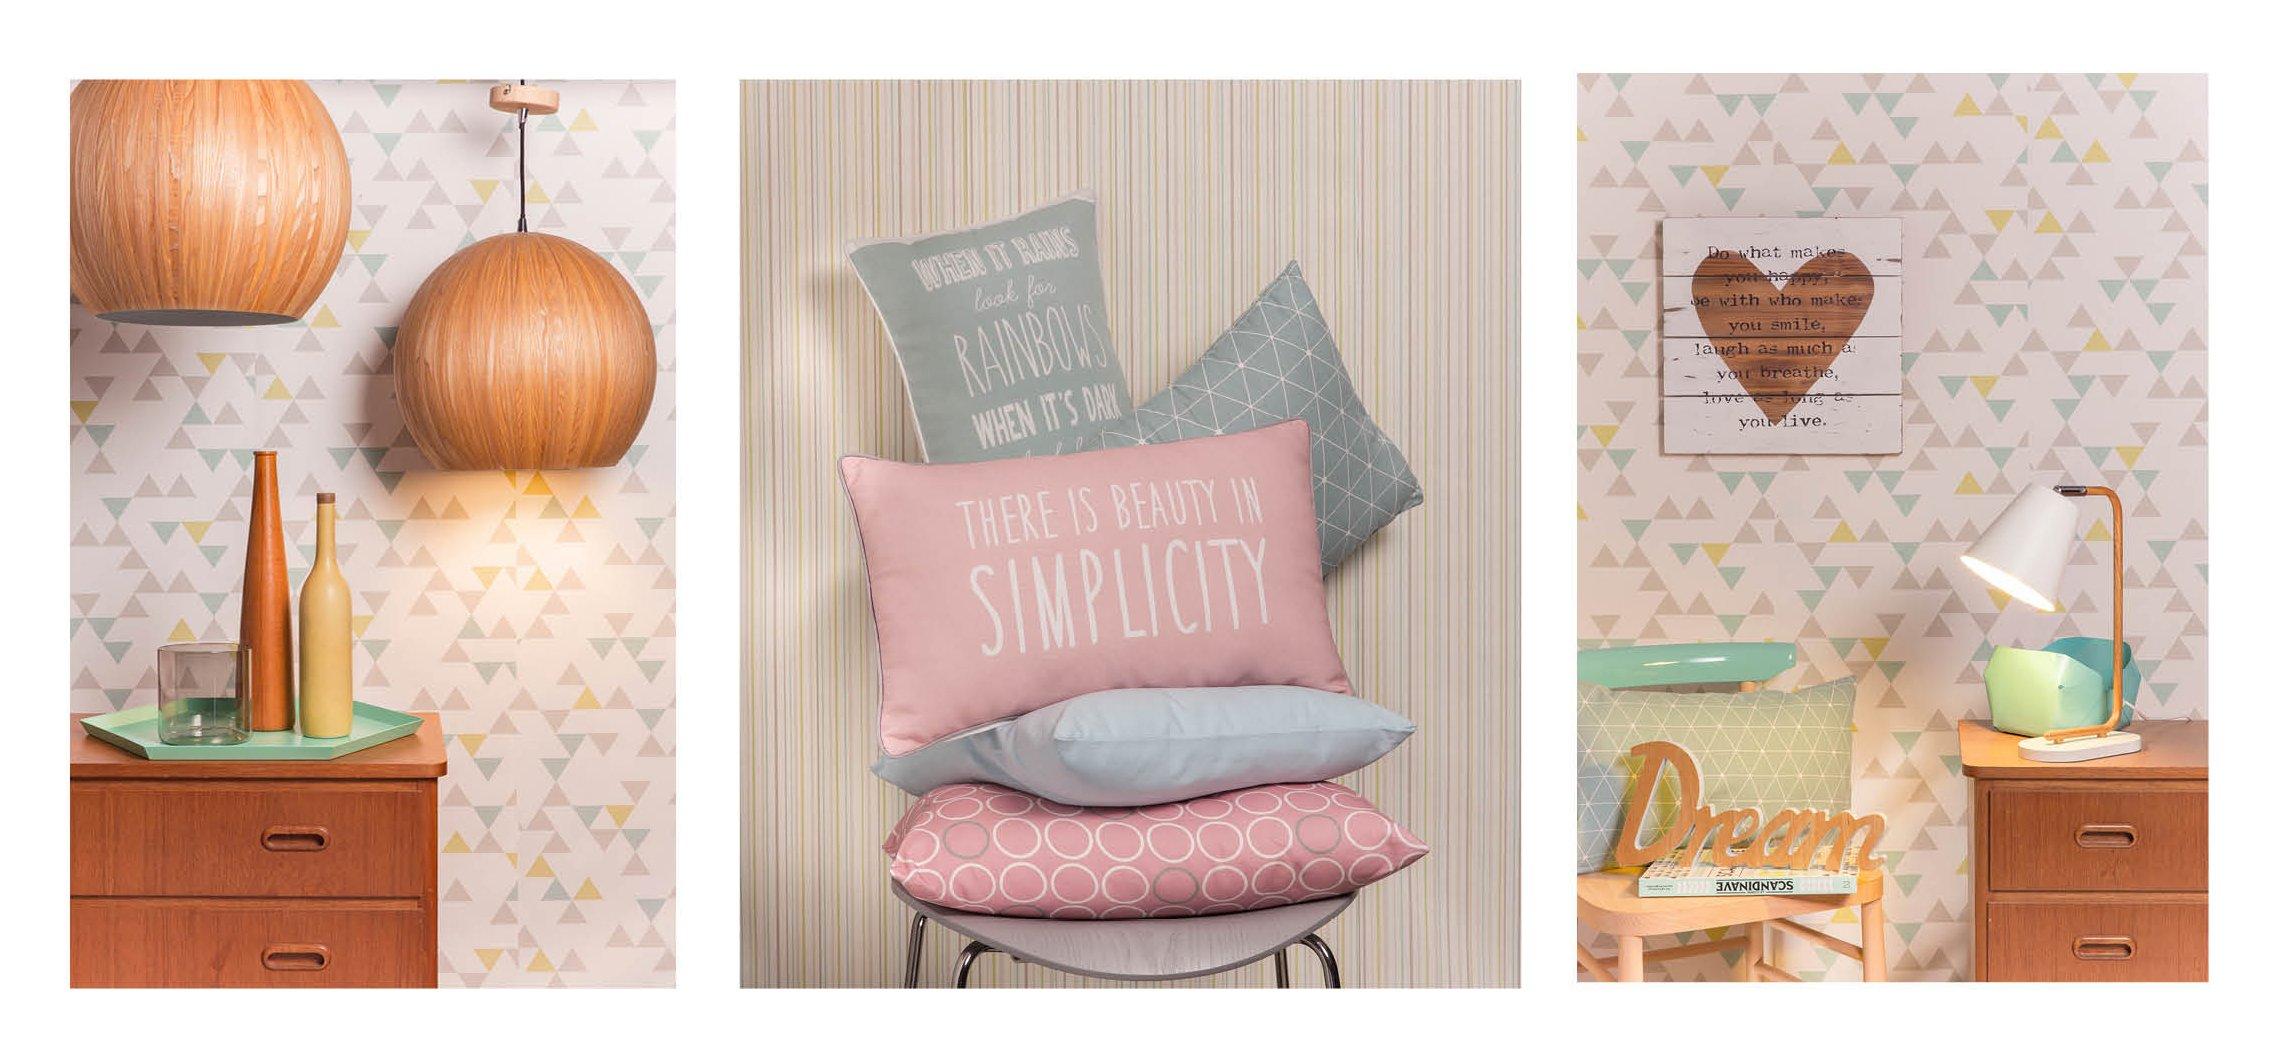 Interesting cuscino simplicity rosa uac lampadario bolstar for Carta da parati adesiva leroy merlin